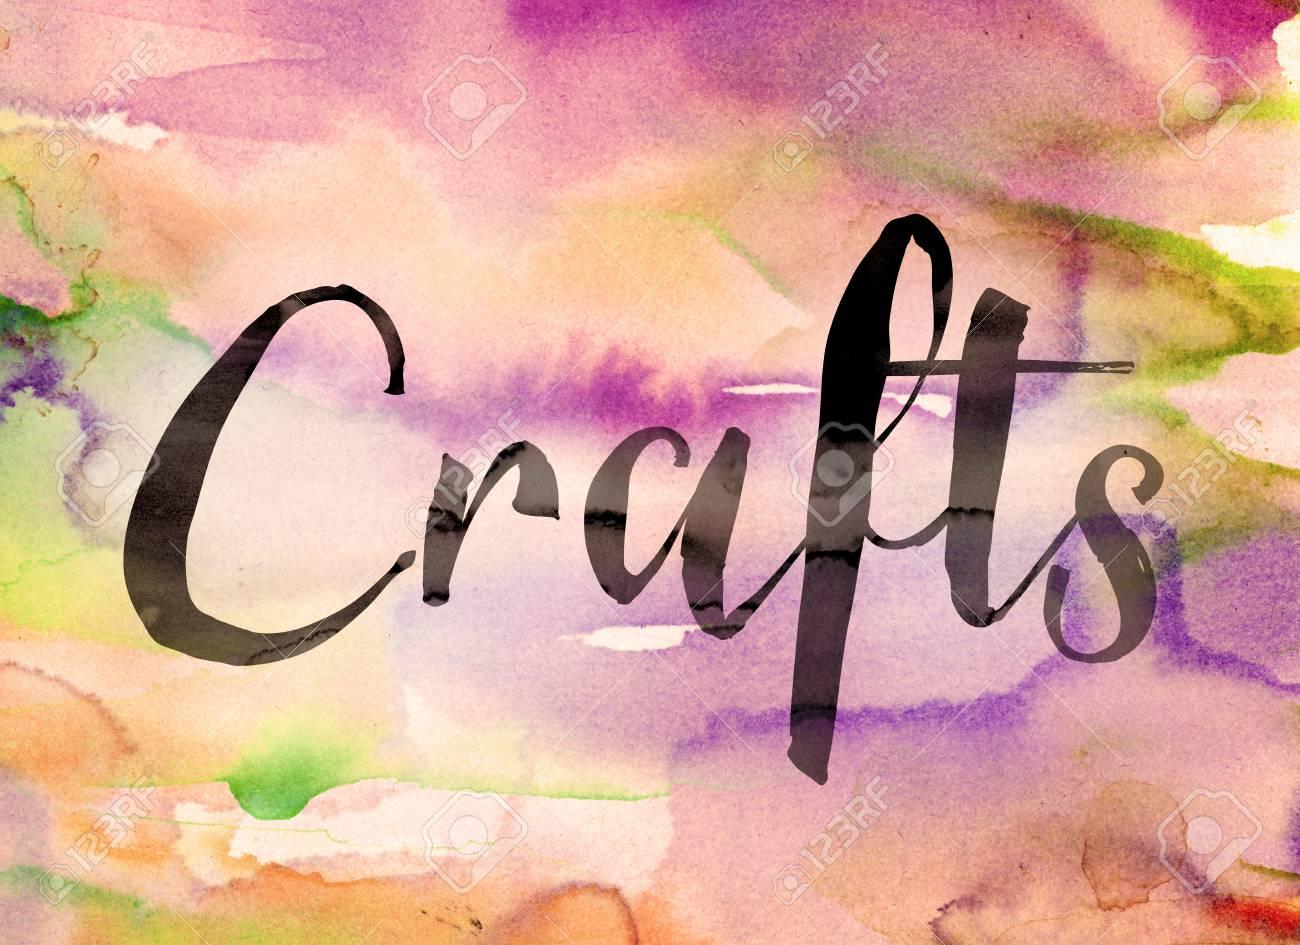 La Palabra Artesanías Escrito En Pintura Negra Sobre Un Fondo Lavado Acuarela Colorido